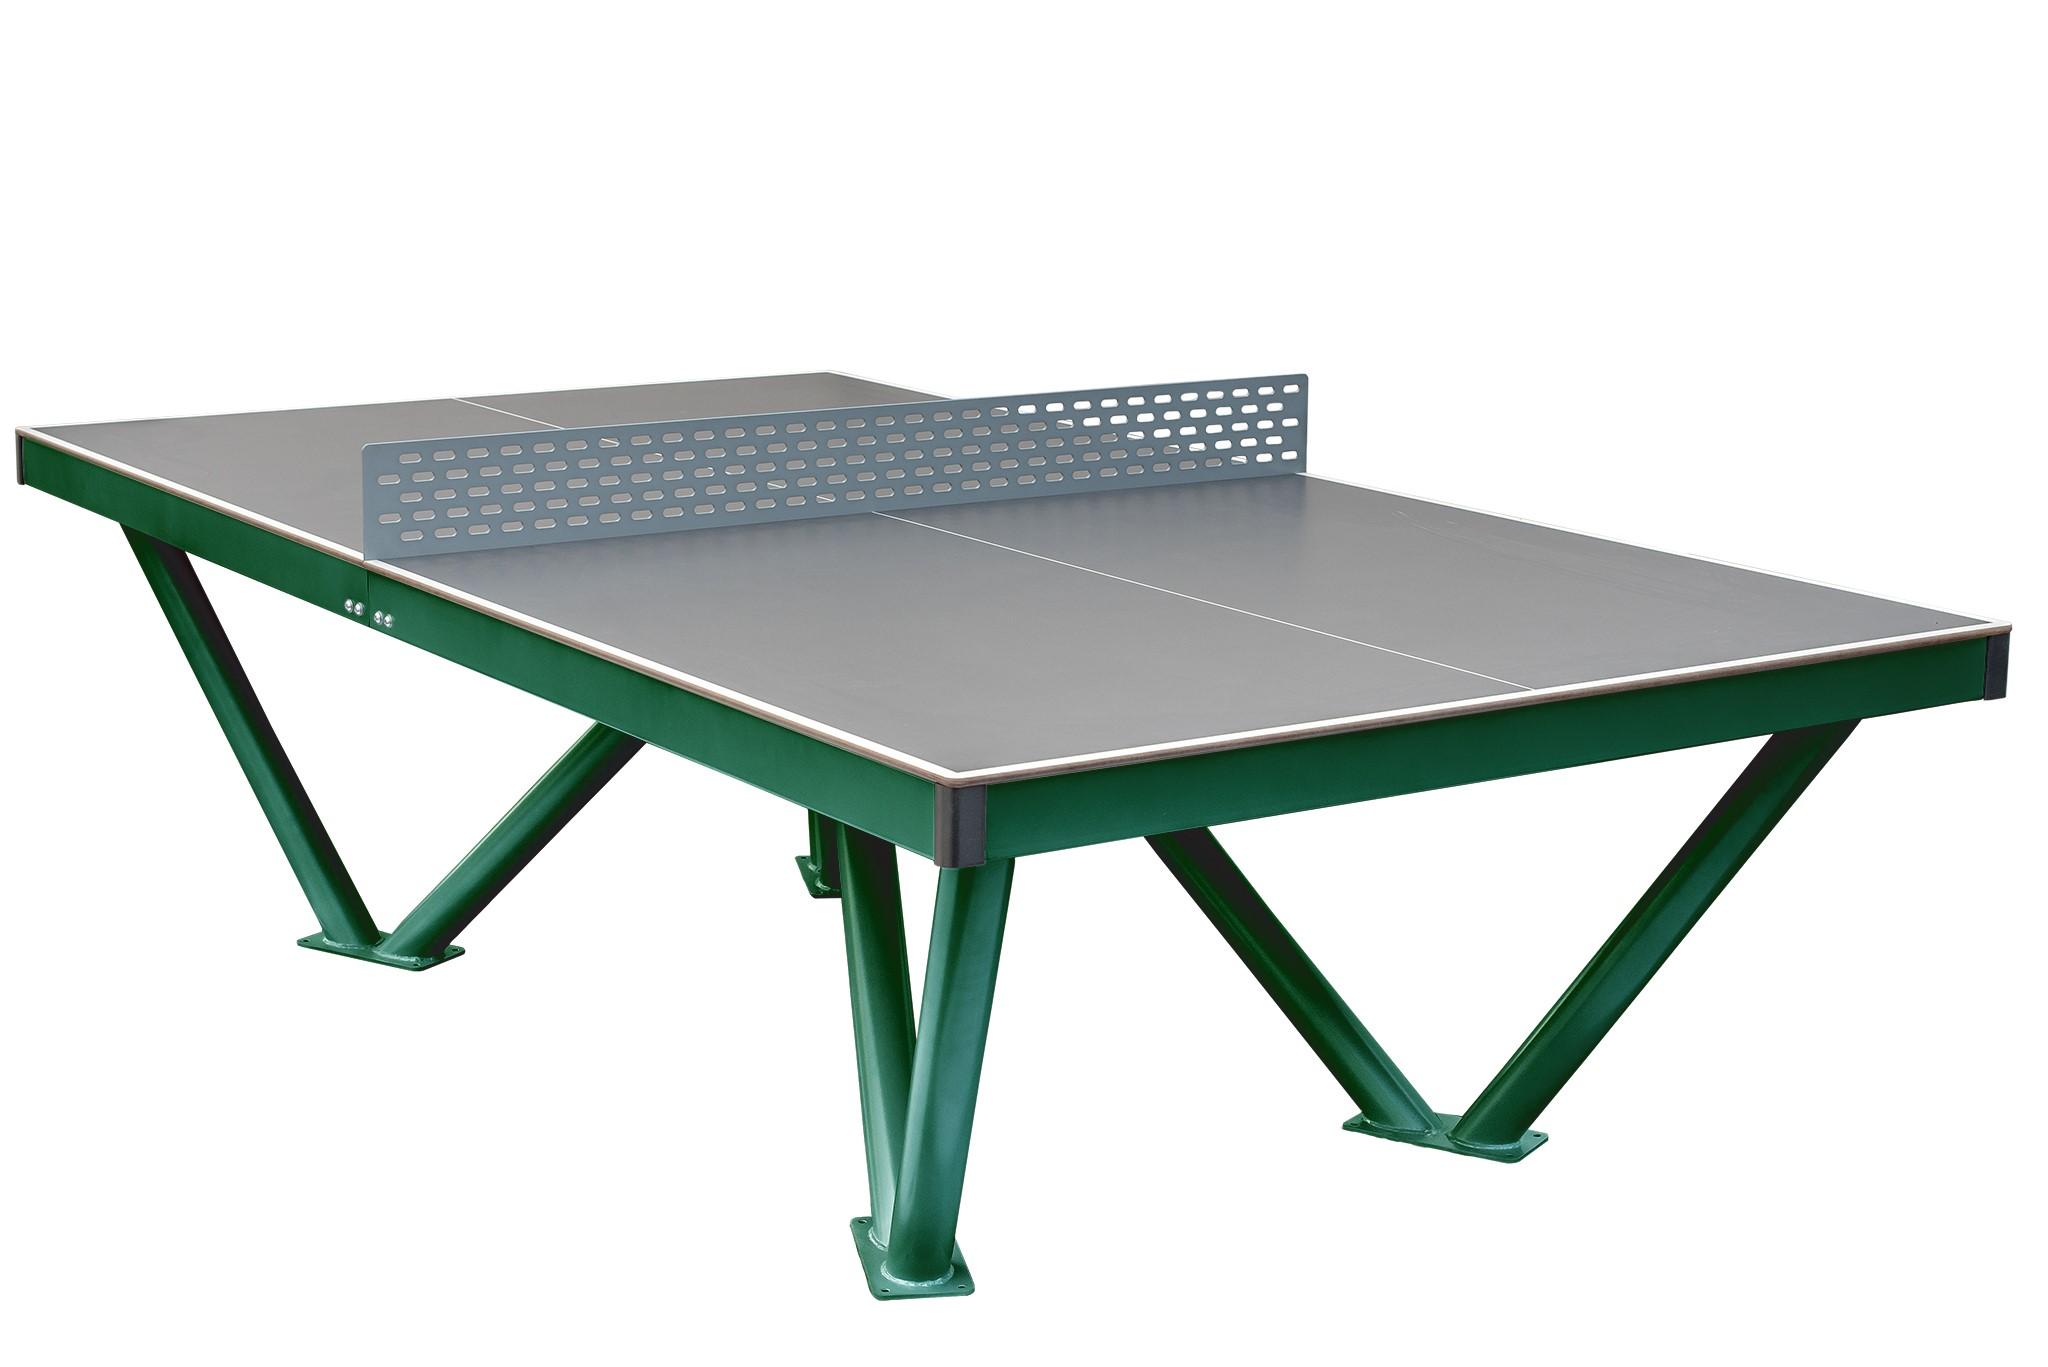 Pingo Tafeltennistafel - Professionele en moderne tafeltennistafel